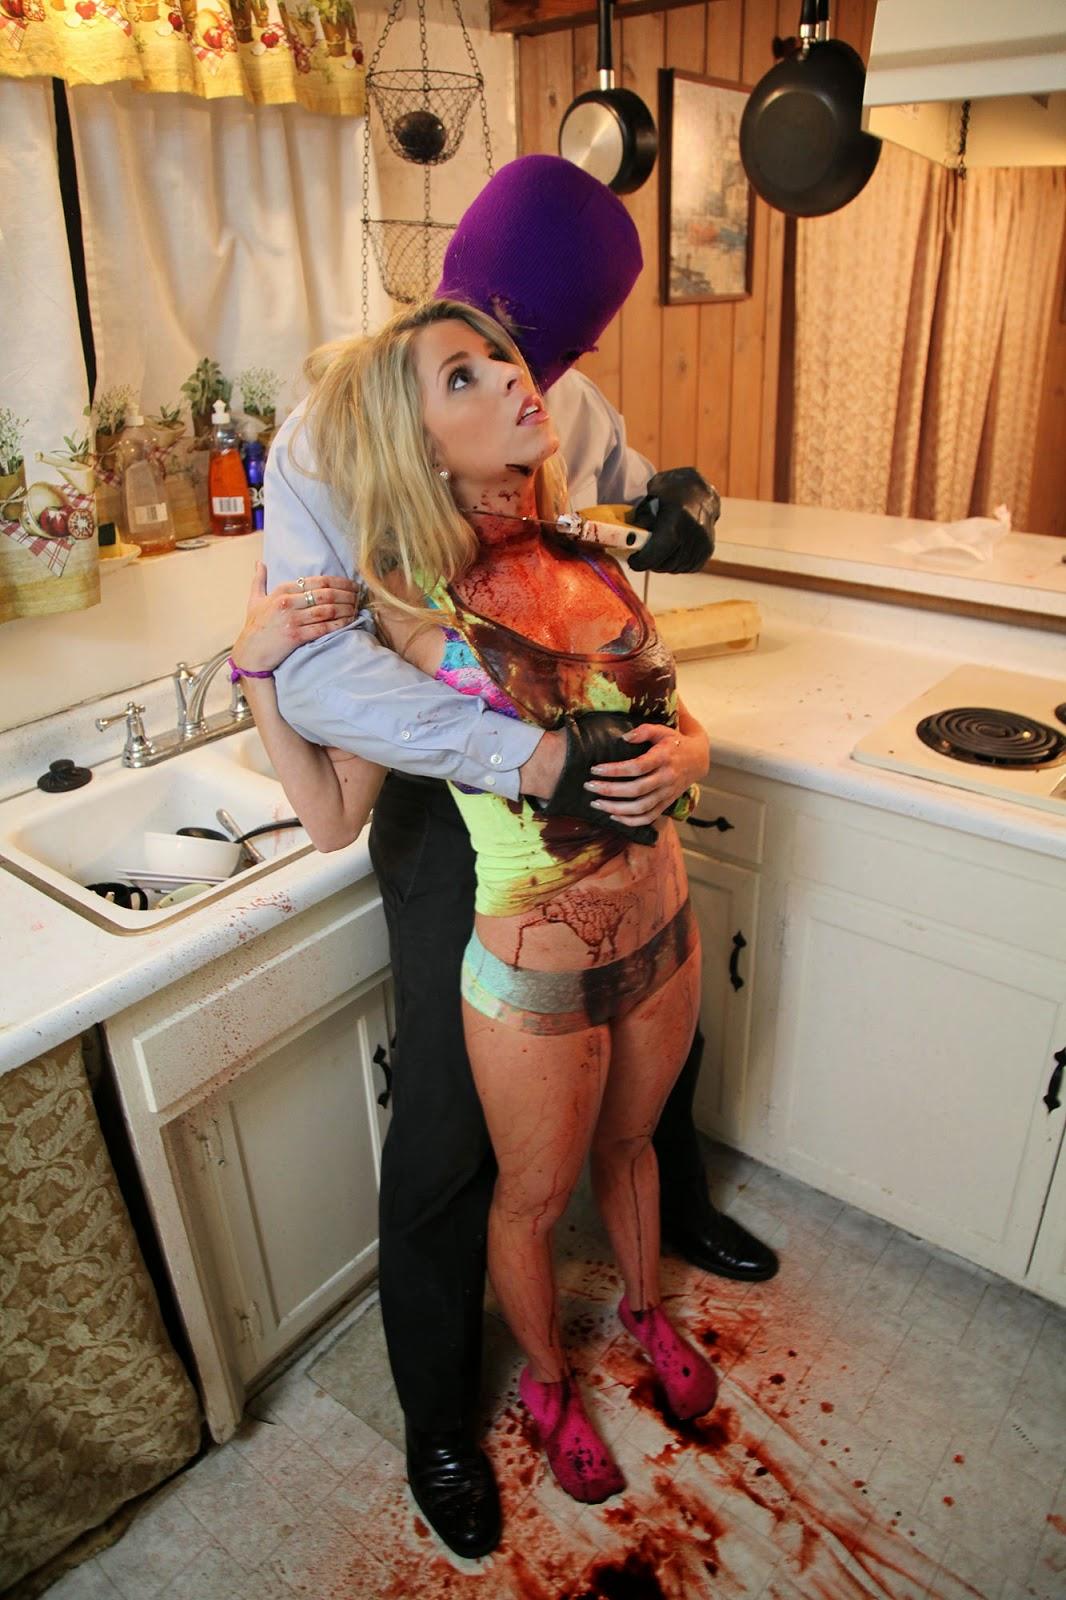 Savannah Matlow Nude Photos 99